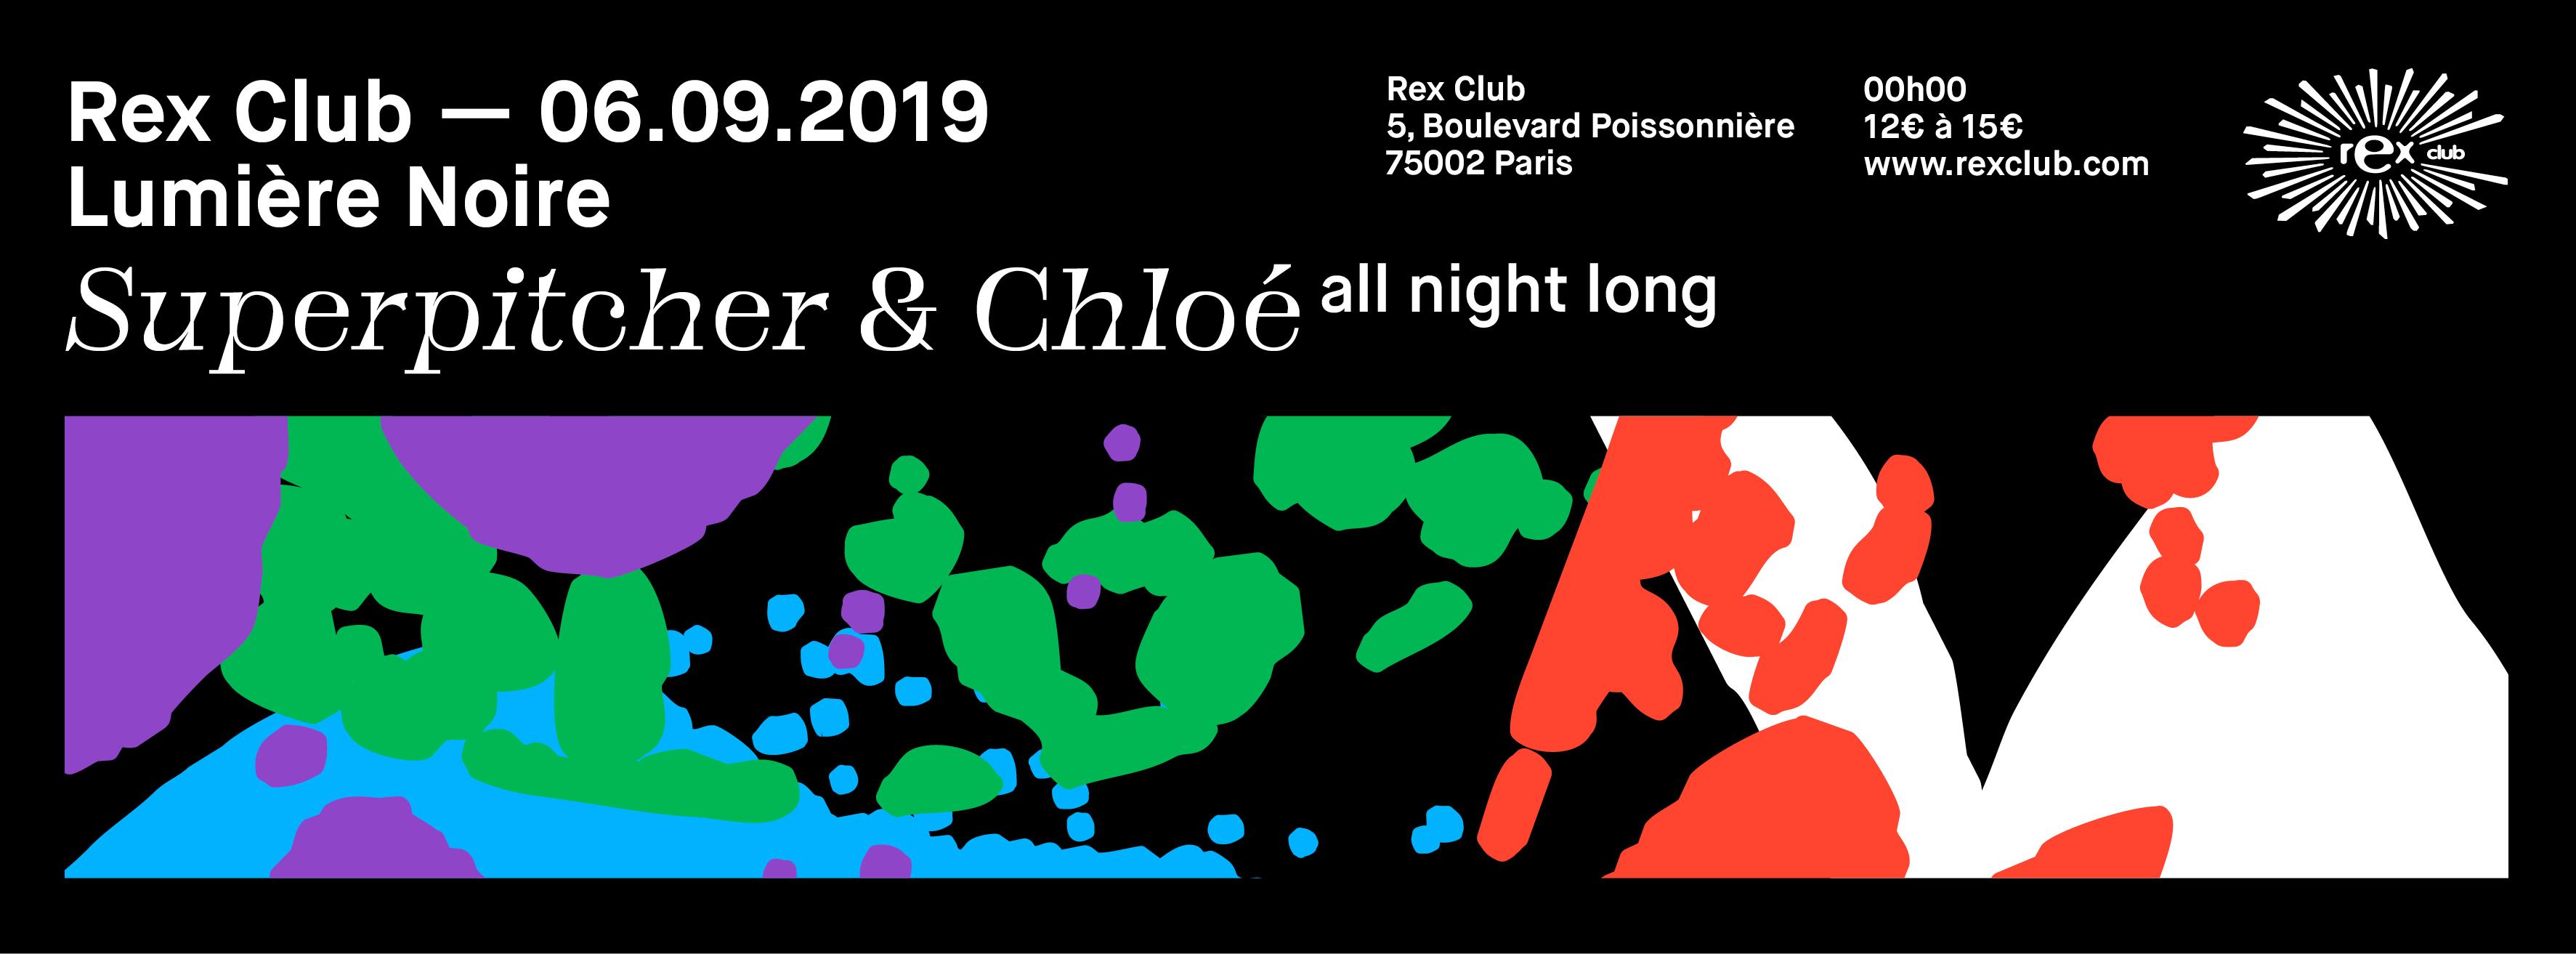 Lumiere Noire: Superpitcher & Chloé All Night Long